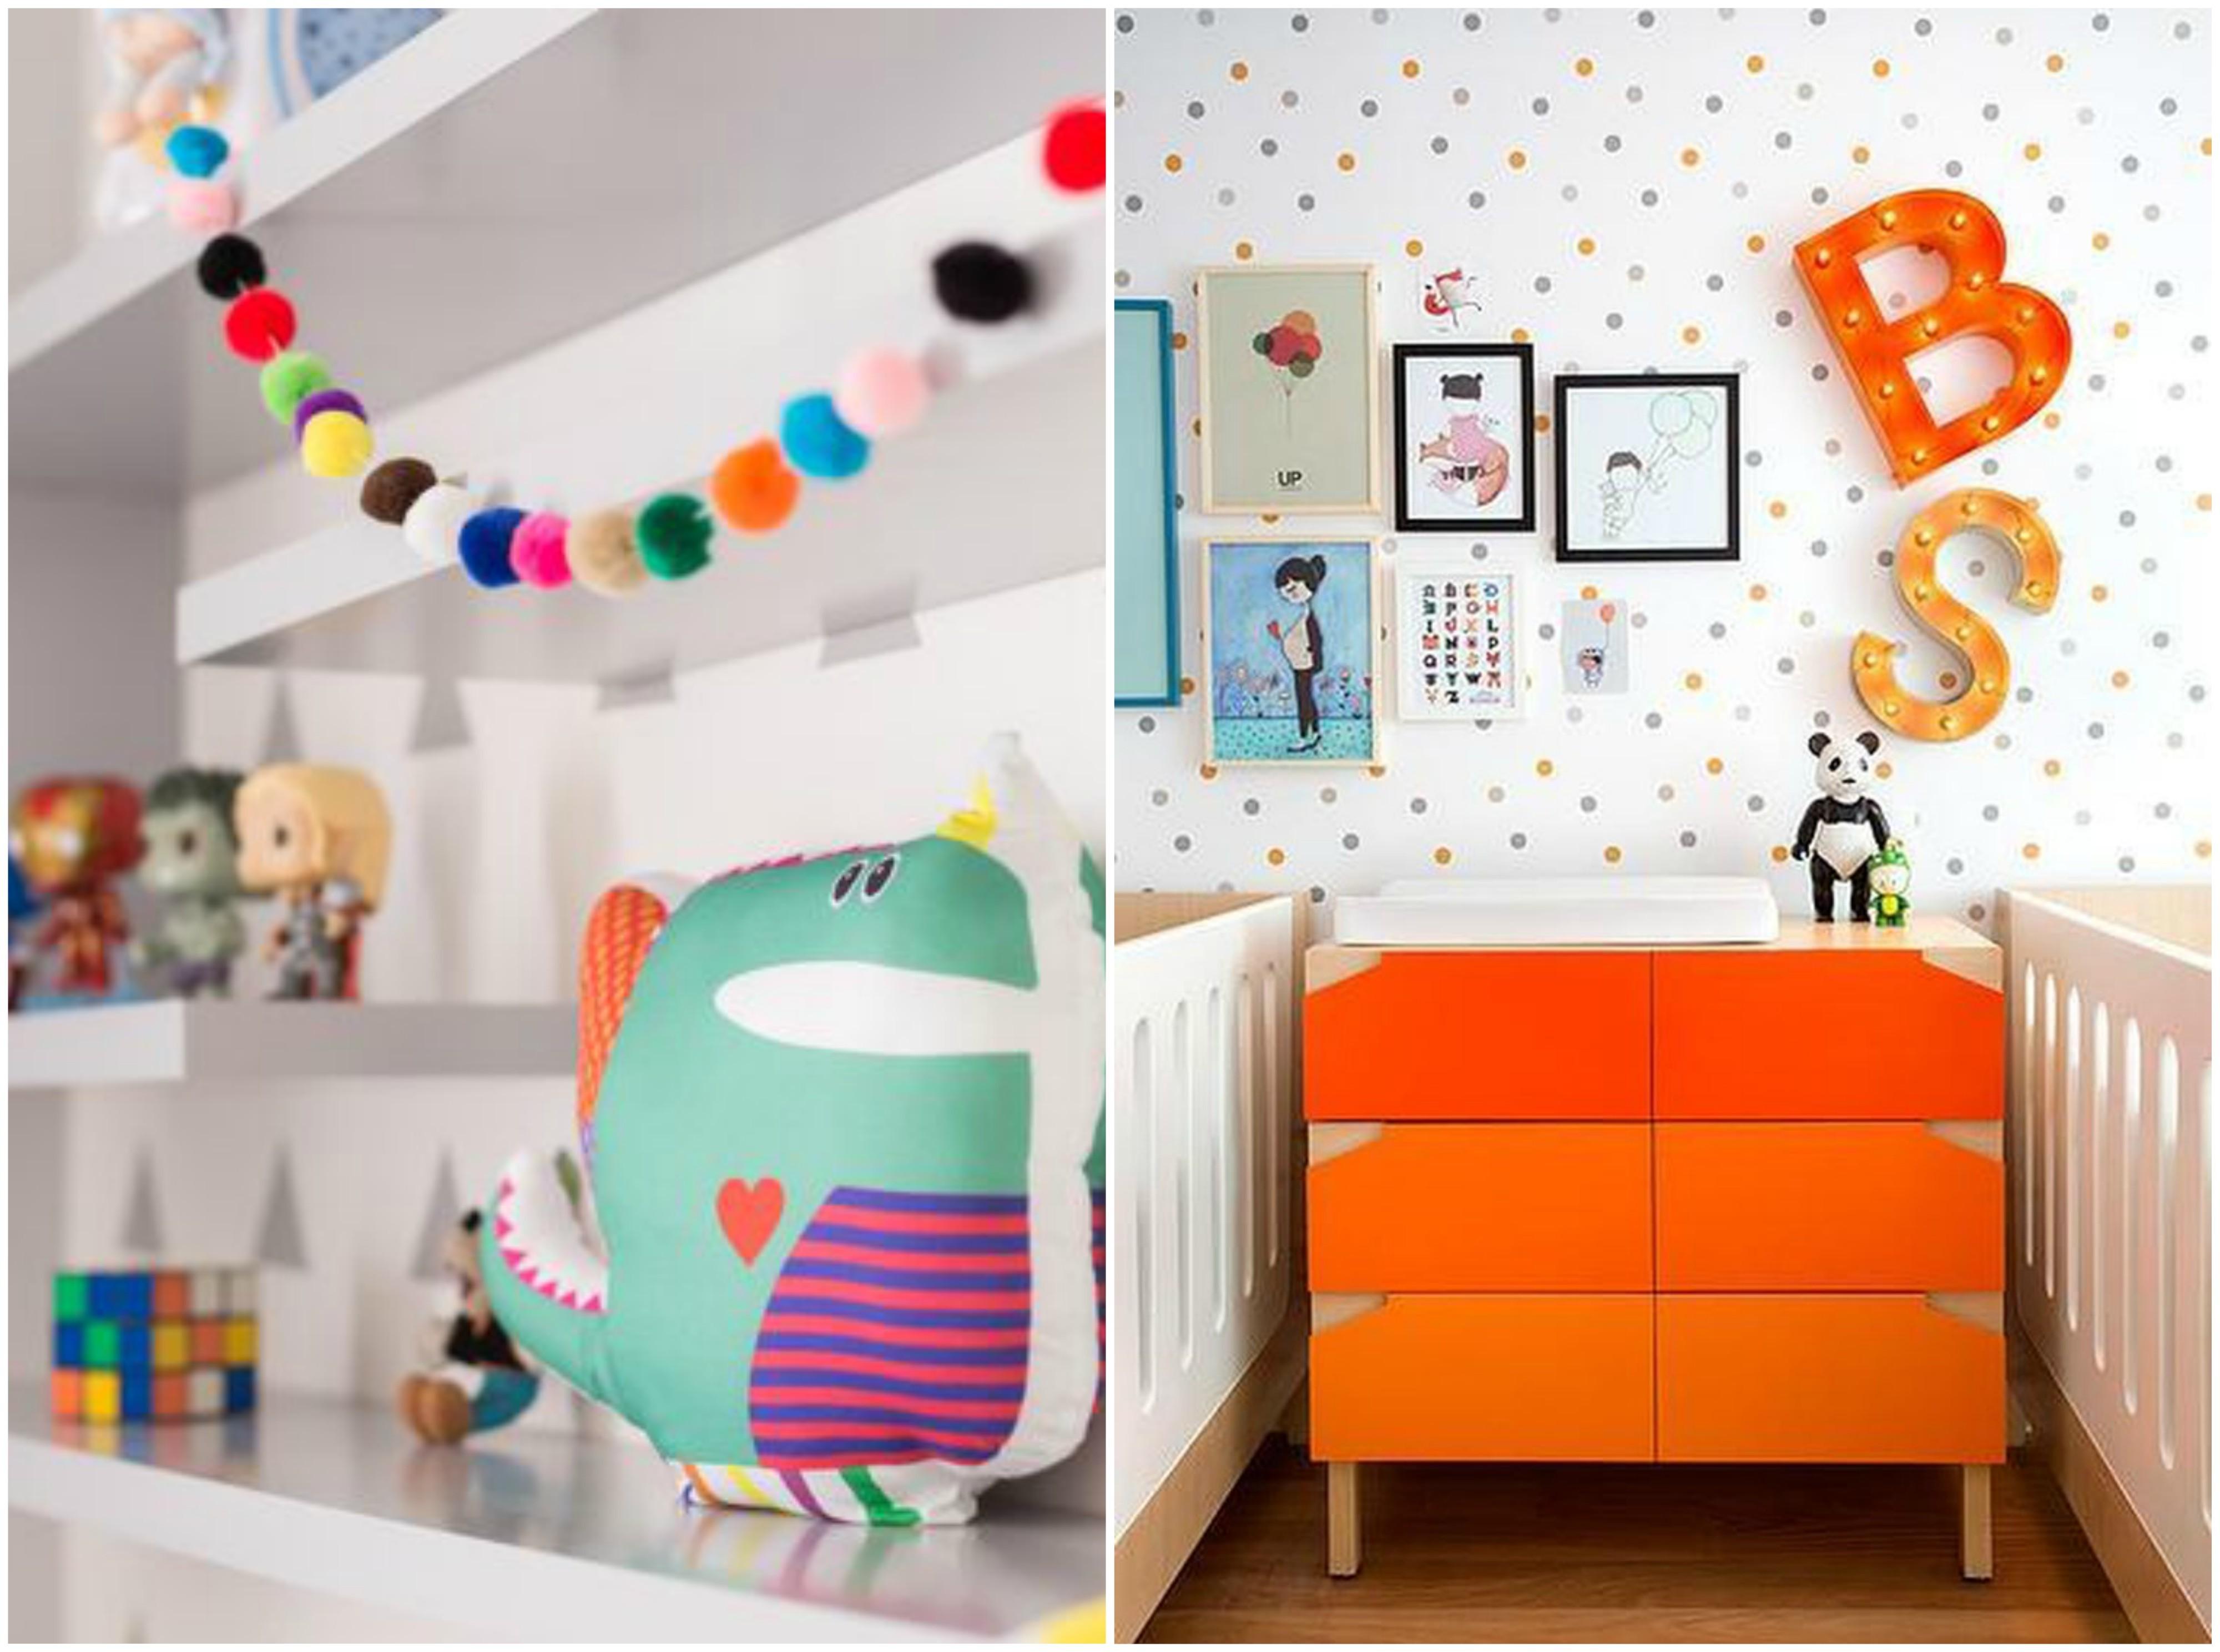 Quarto De Beb Divertido 10 Ideias Para Animar A Decora O ~ Customização De Objetos Decorativos Para Quarto